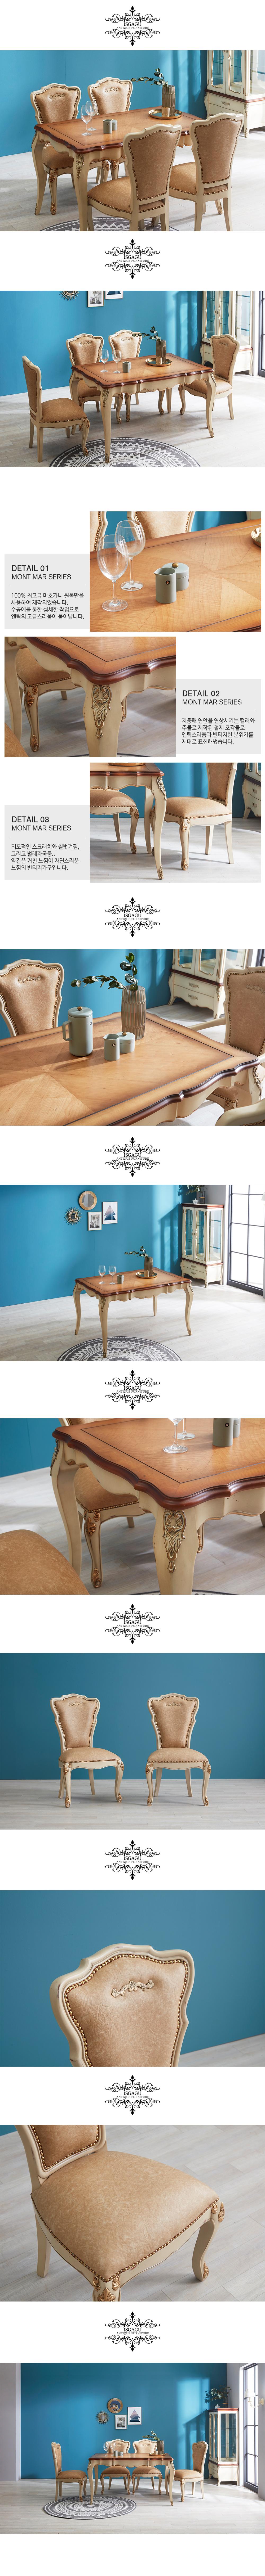 견고한 마호가니원목으로 제작한 정통엔틱스타일의 식탁세트입니다.북유럽의 여유와 한가로움을 우리집 주방으로 옮겨가보세요!.